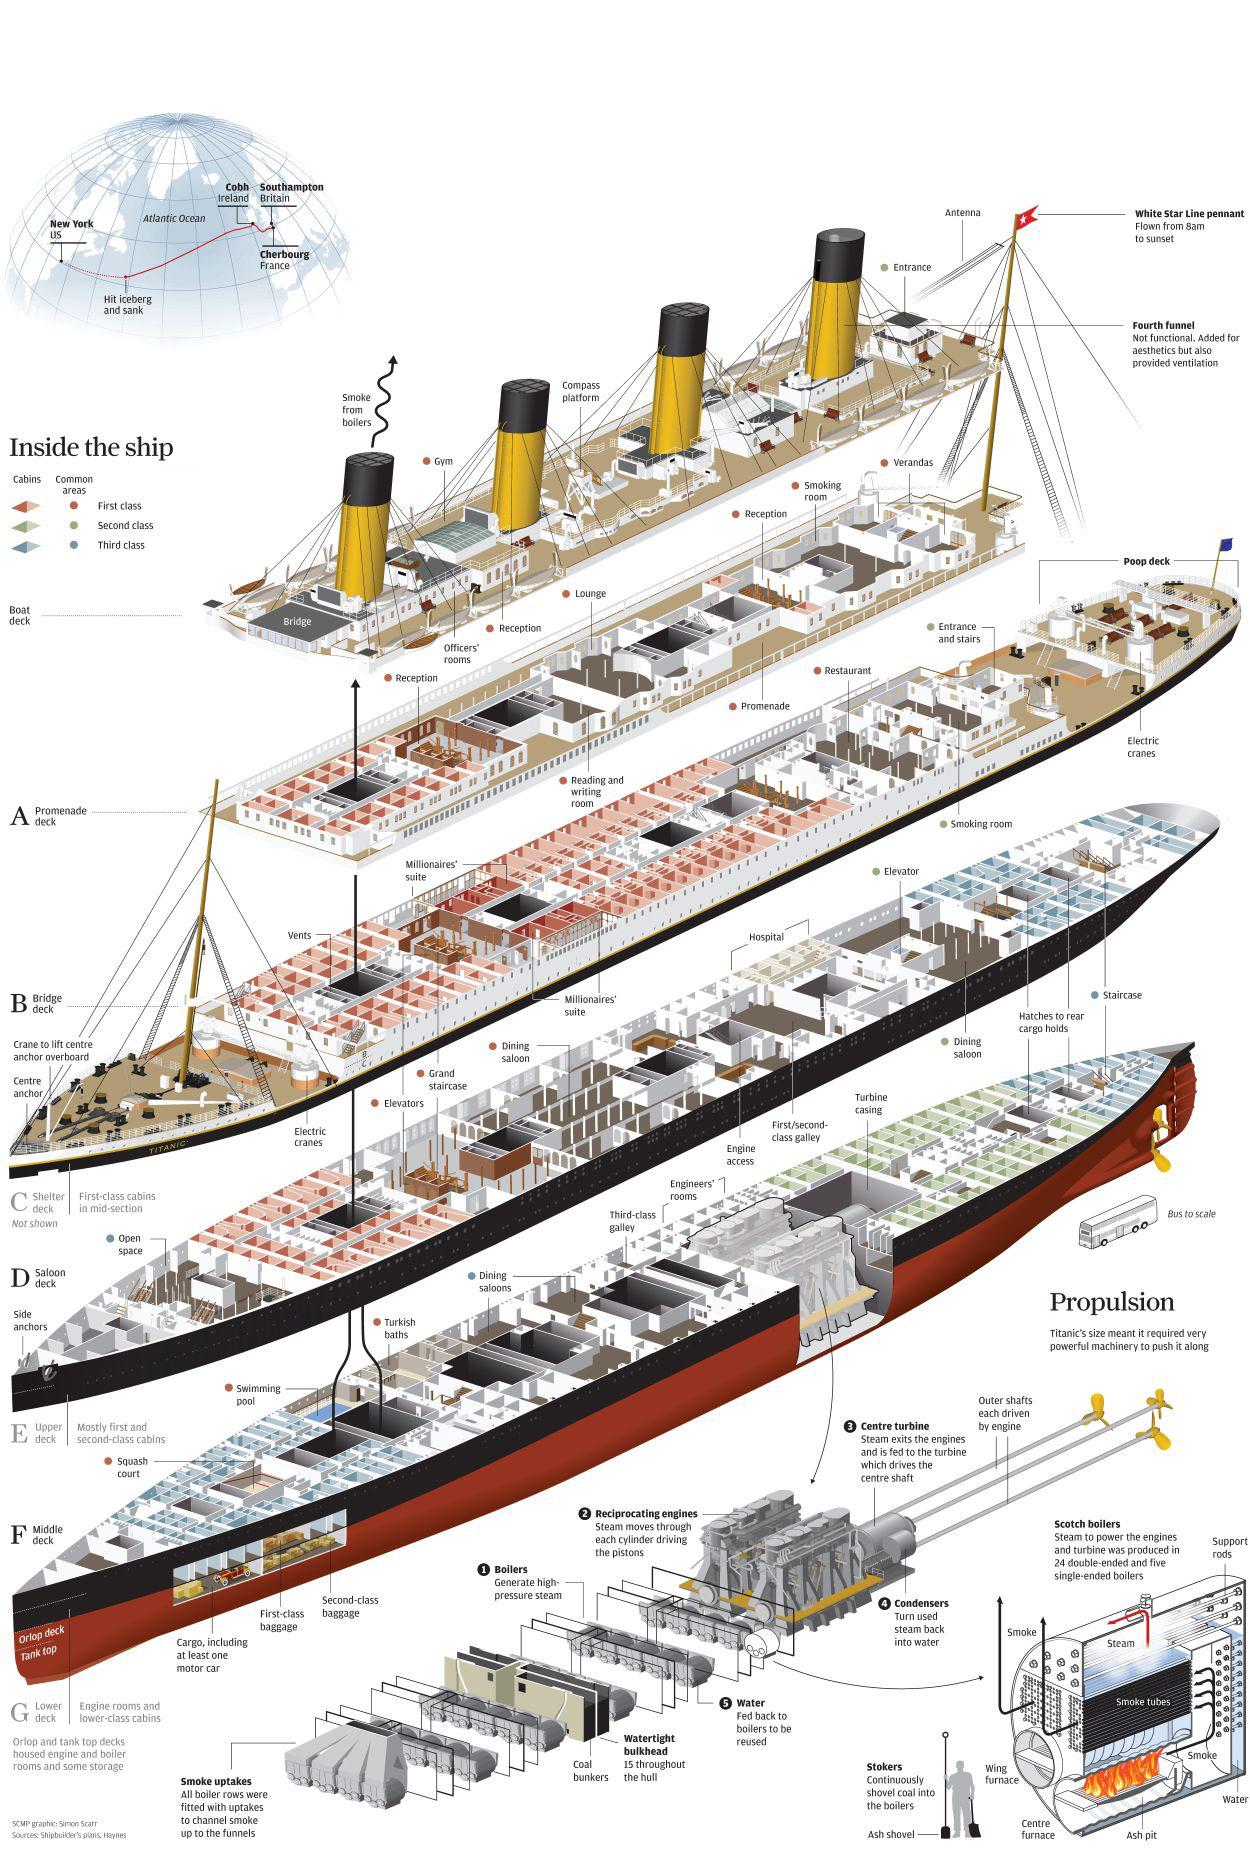 Titanic cutaway drawing